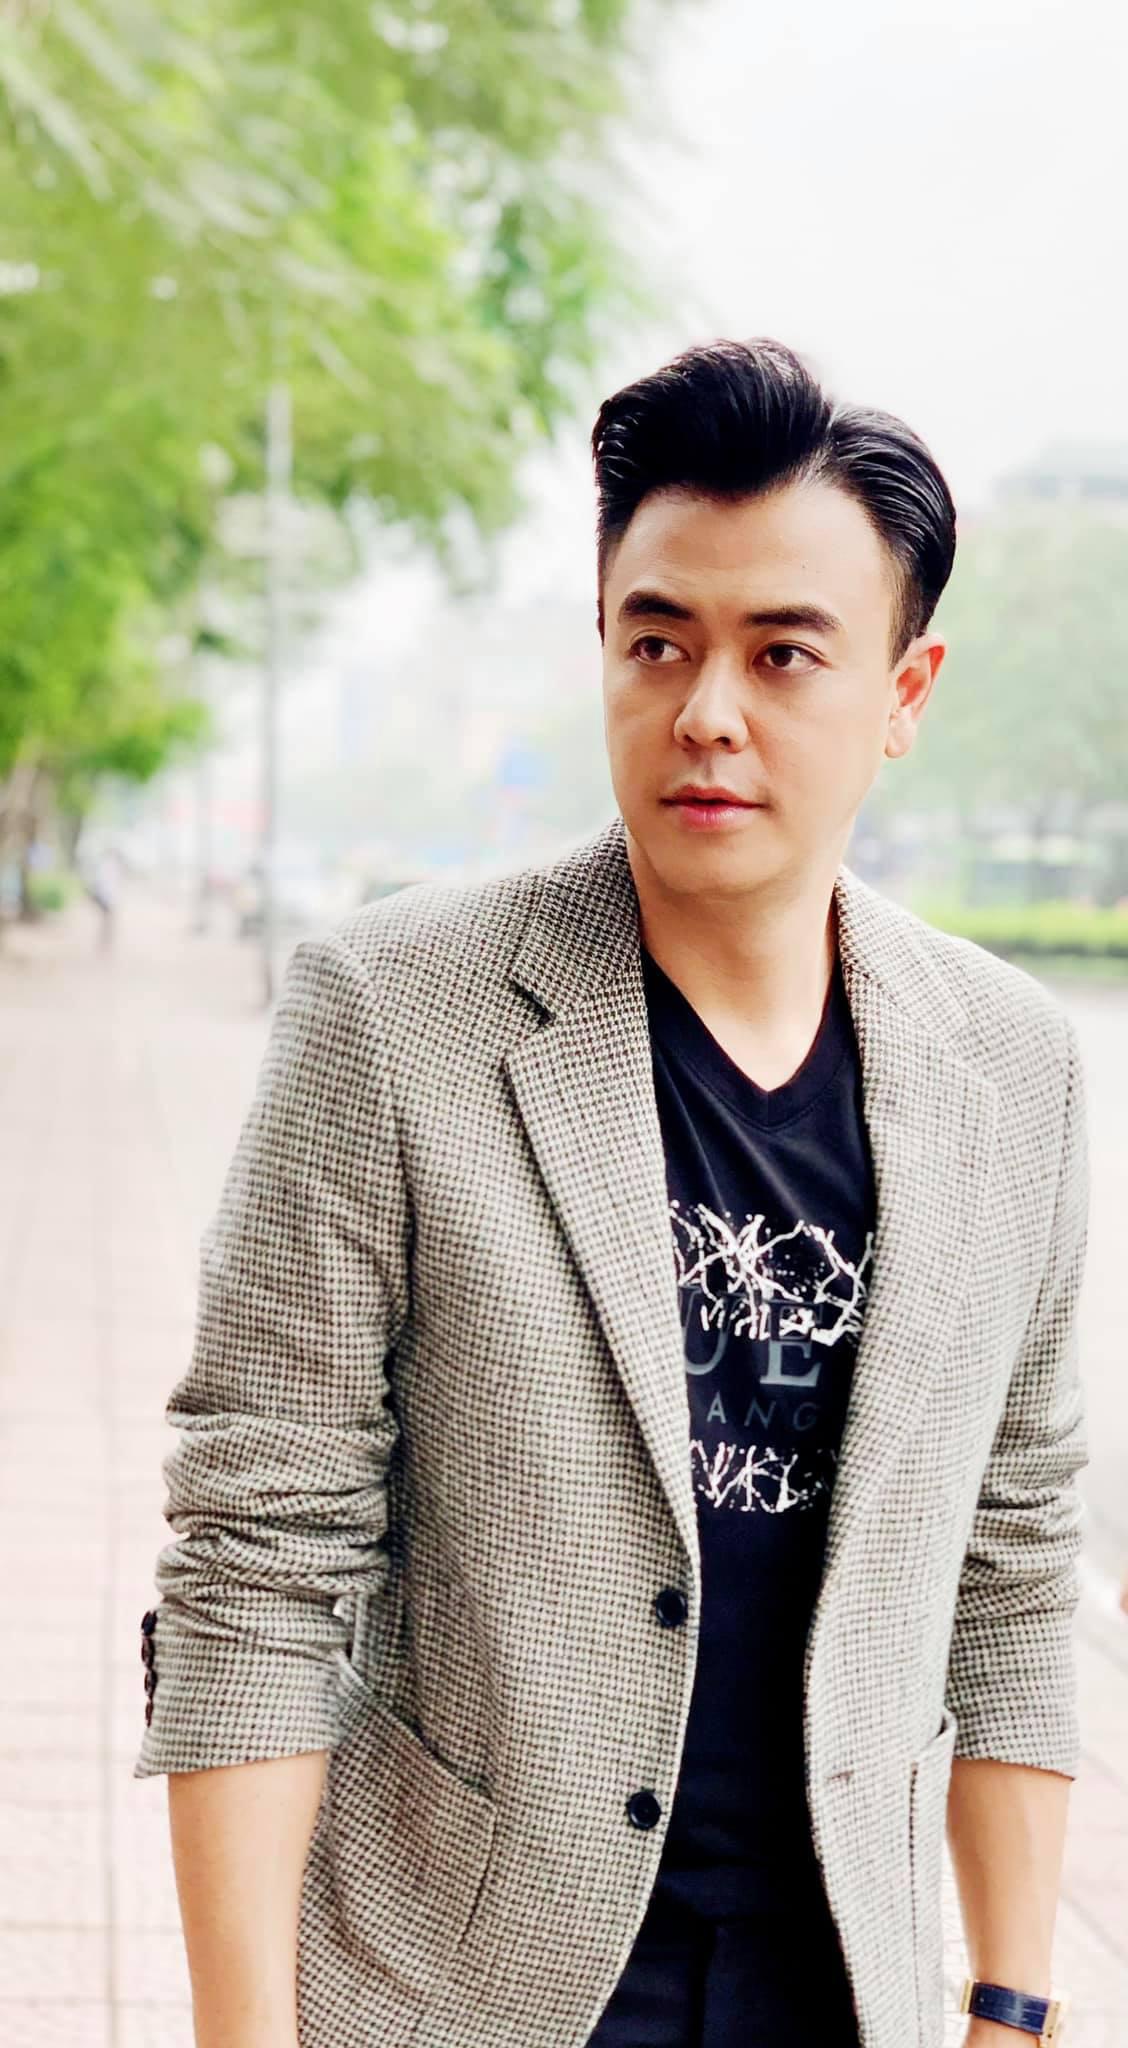 MC Tuấn Tú trở lại với phim mới, làm tình địch của Thanh Sơn? - Ảnh 6.